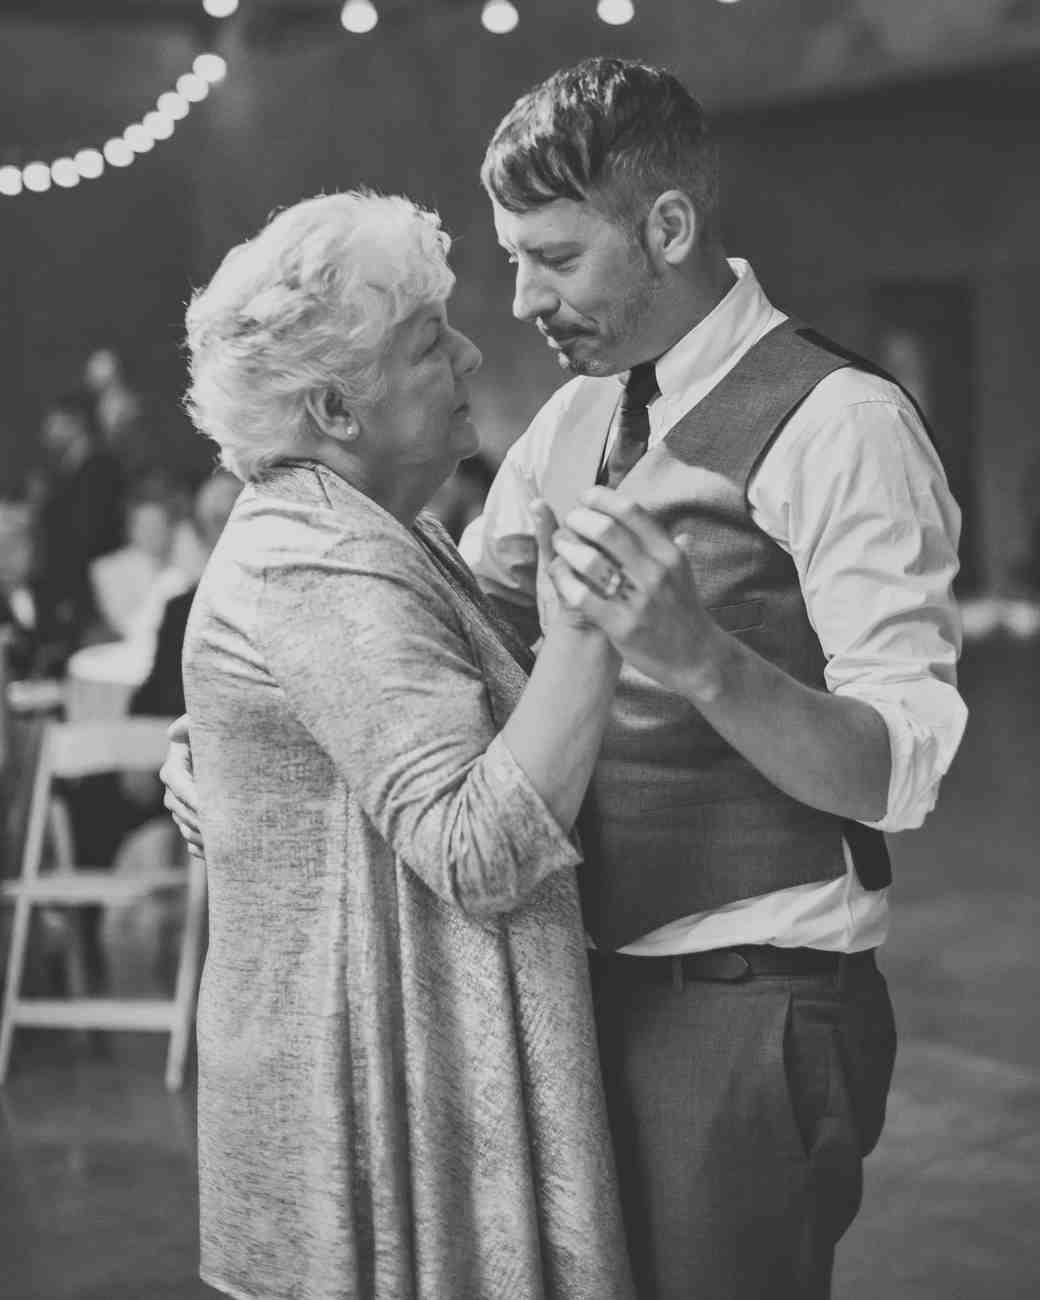 lara-chad-wedding-momdance-926-s112306-1115.jpg